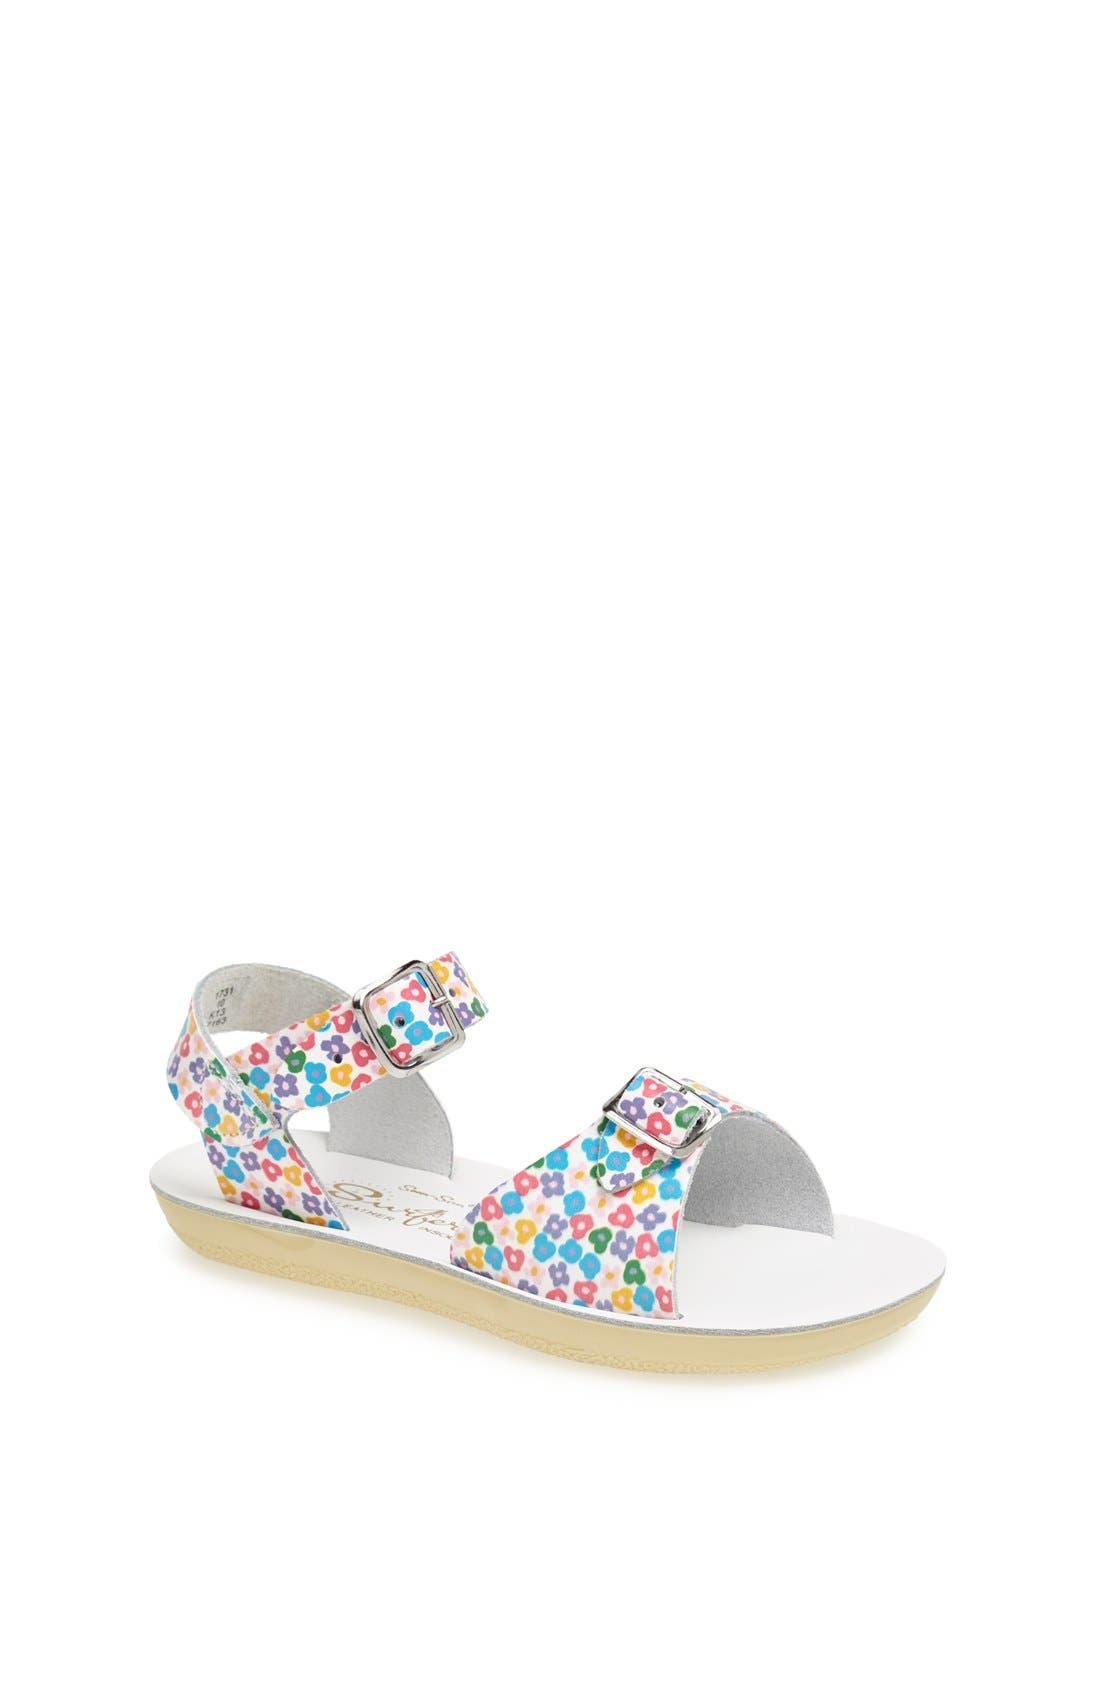 Shoe Company 'Floral Surfer' Sandal,                         Main,                         color, 100